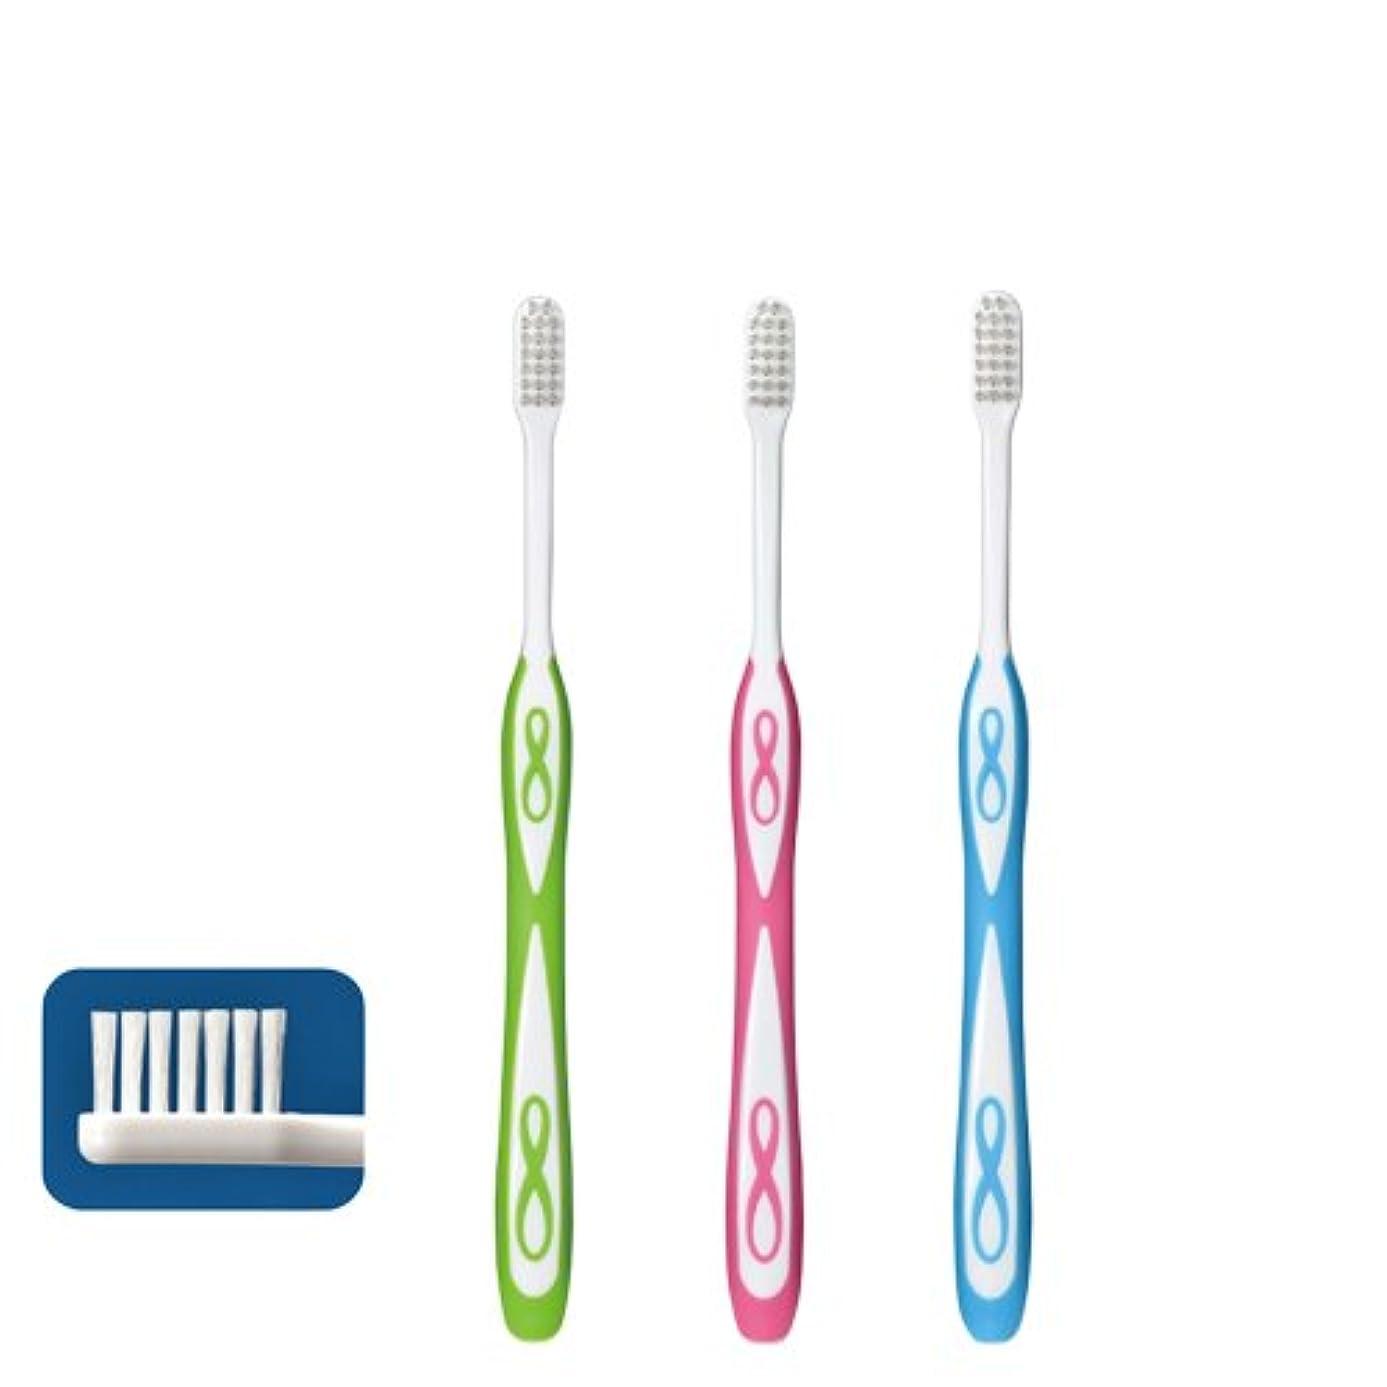 リーシステム肯定的Lover8 ラバーエイト ラウンド毛歯ブラシ × 1本 S(やわらかめ)Ciメディカル 【歯科専売品】